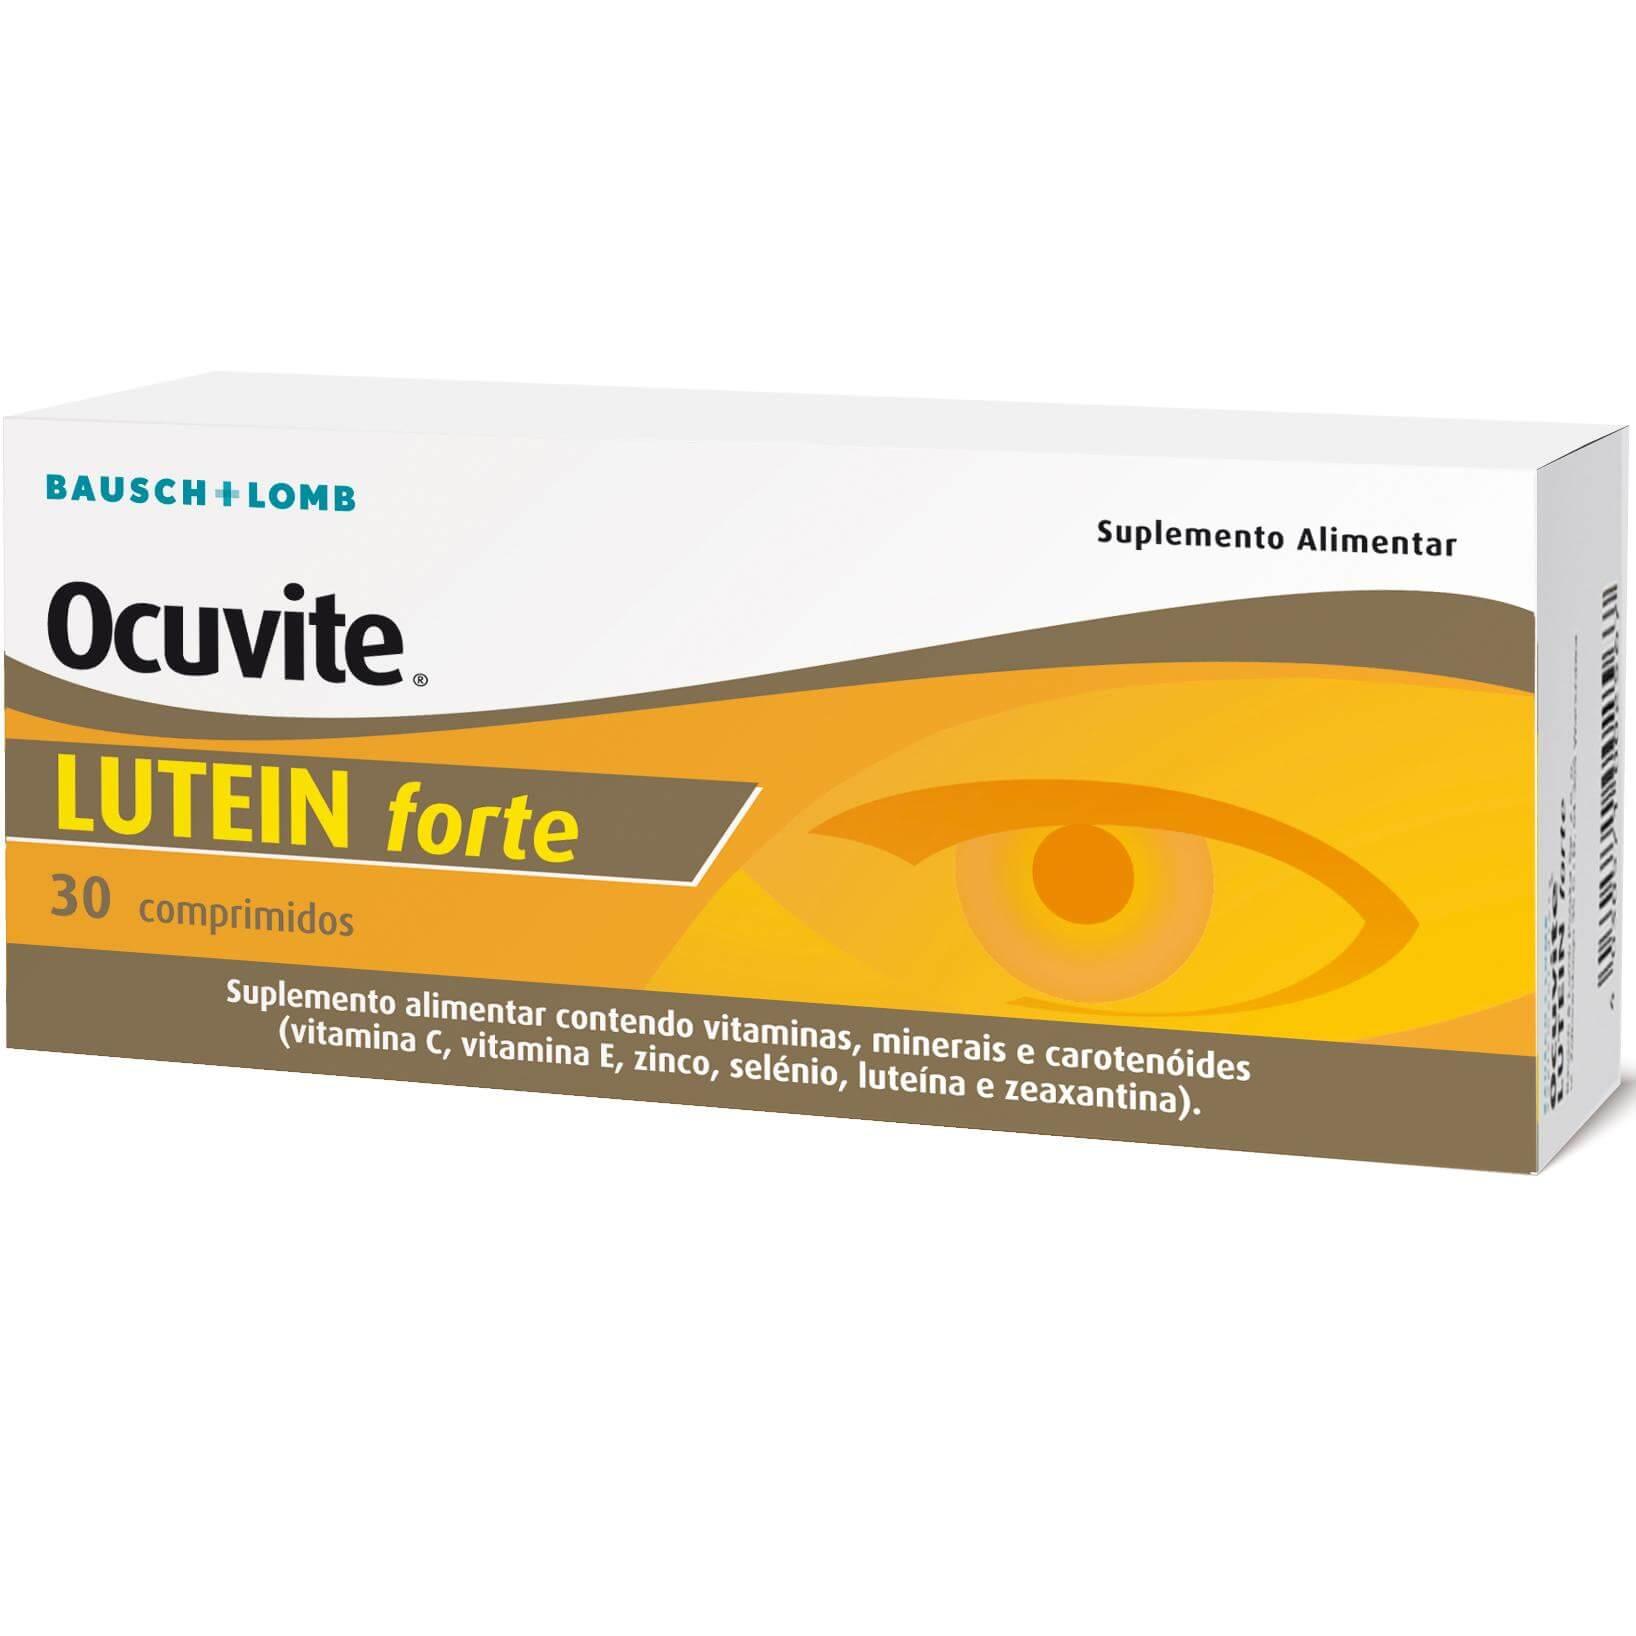 Bausch & Lomb Ocuvite Lutein Forte Συμπλήρωμα Διατροφής με Βιταμίνες, Ιχνοστοιχεία και Καροτινοειδή 30 Tabs